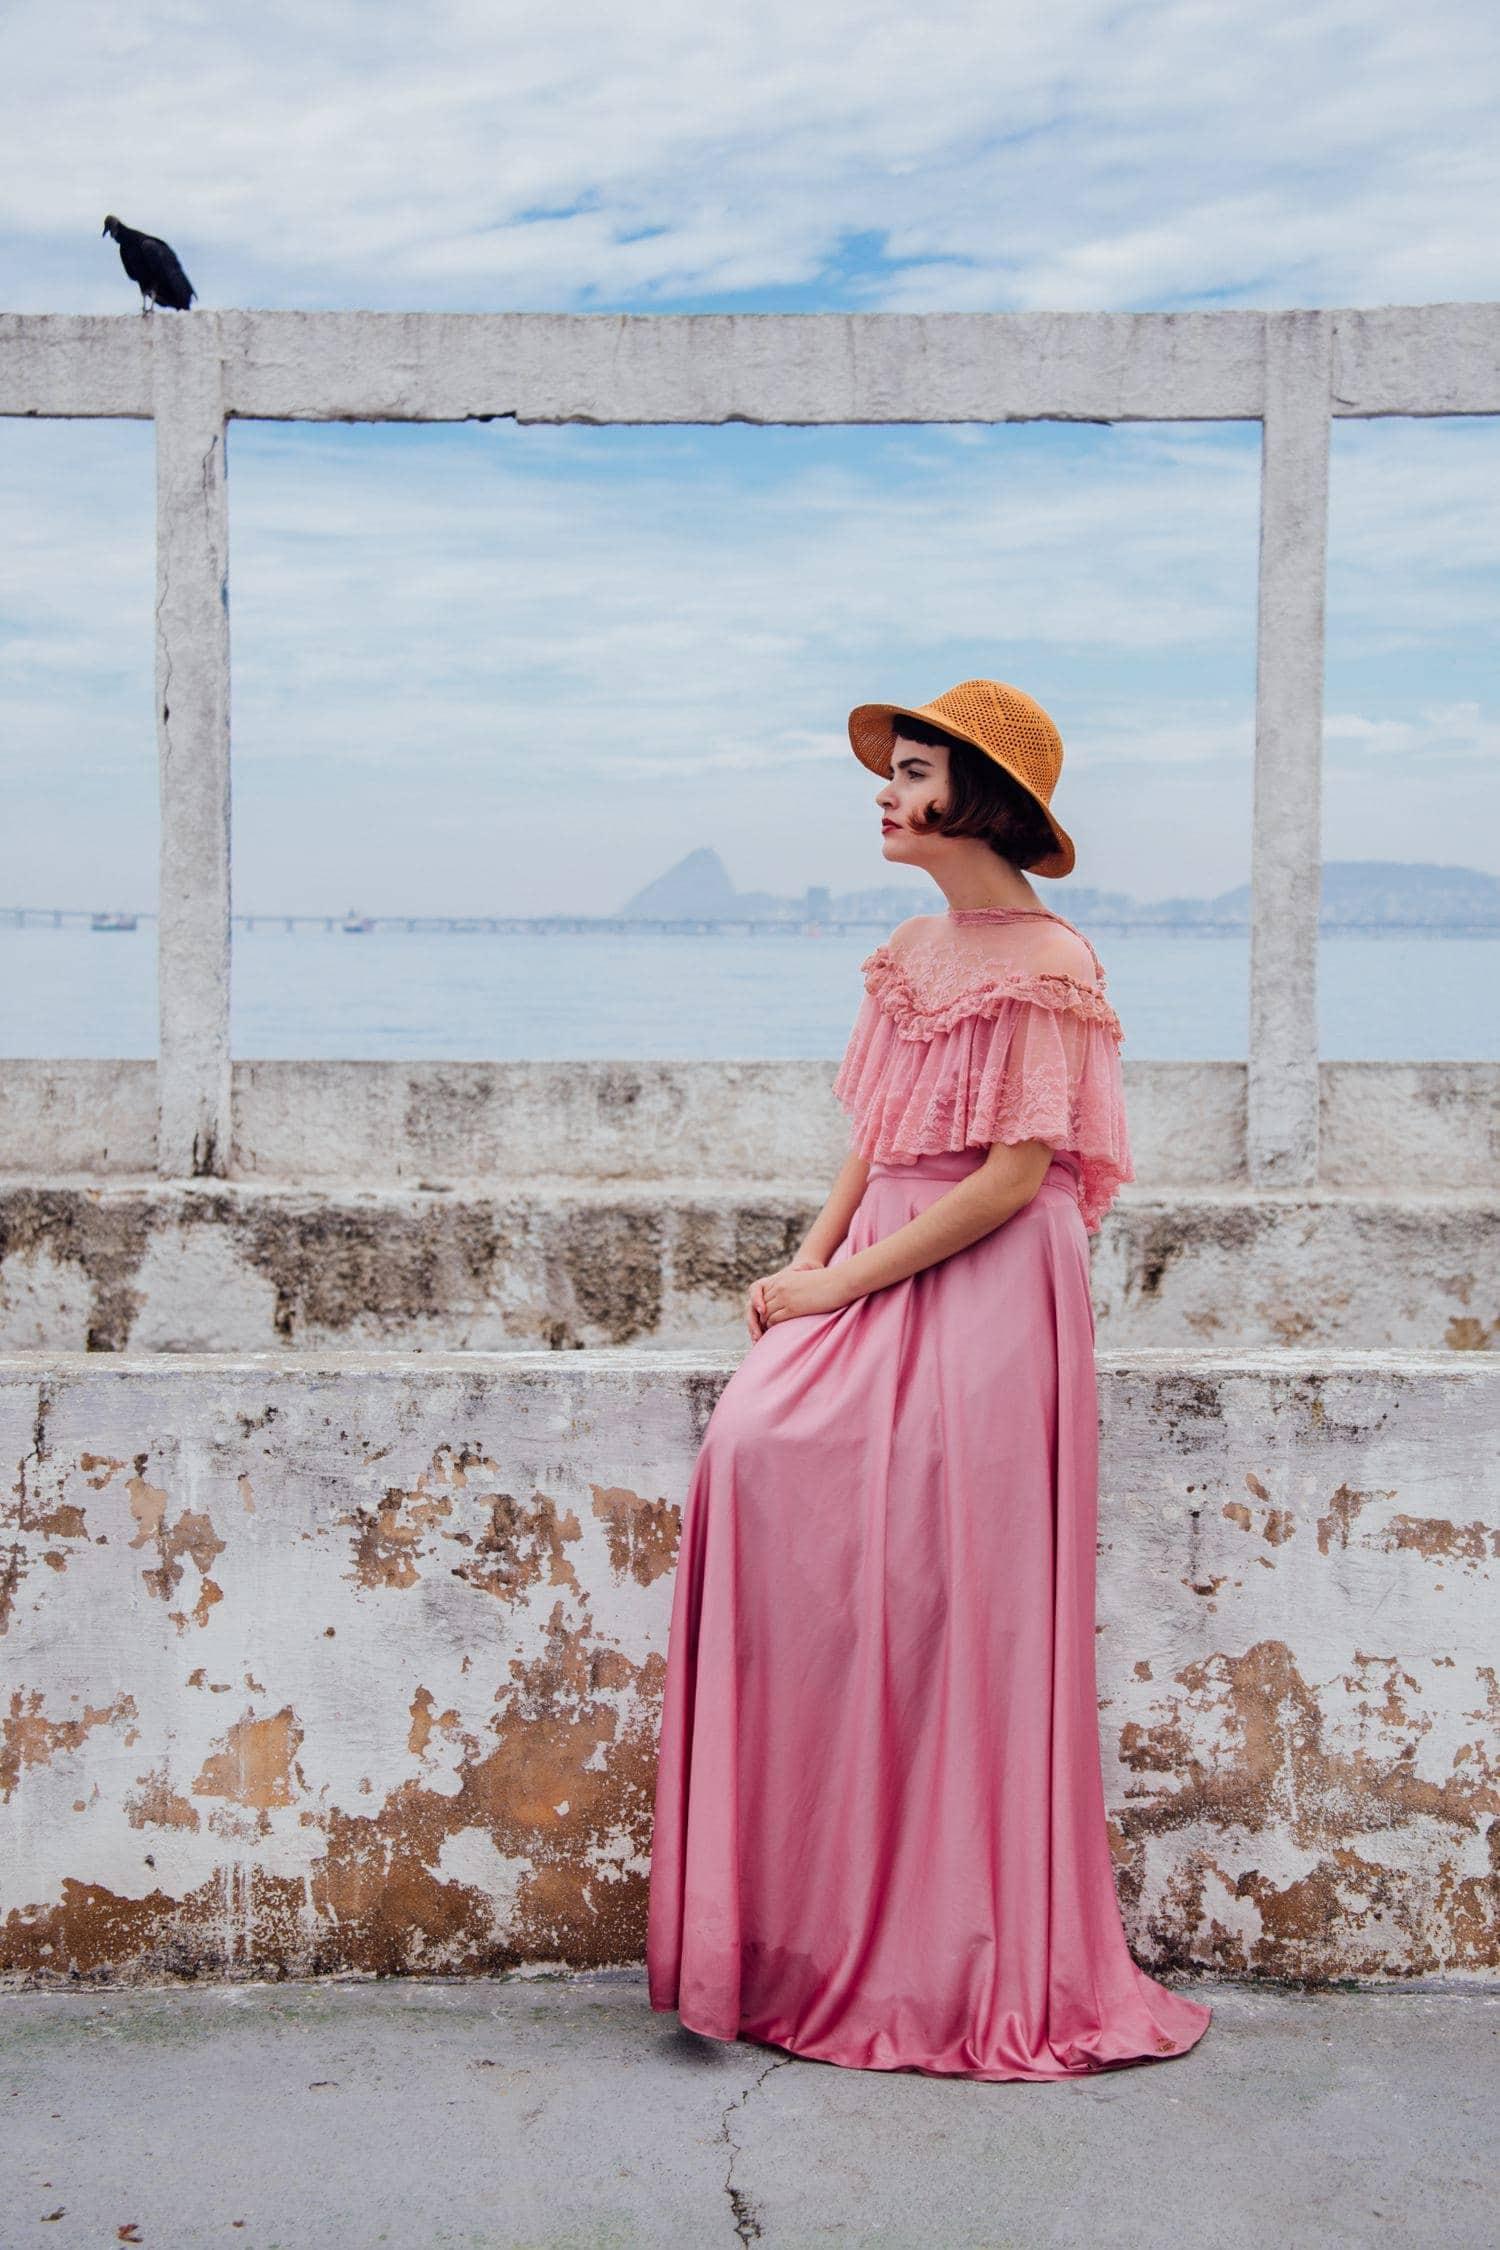 Fotografía de una mujer con vestido rosa